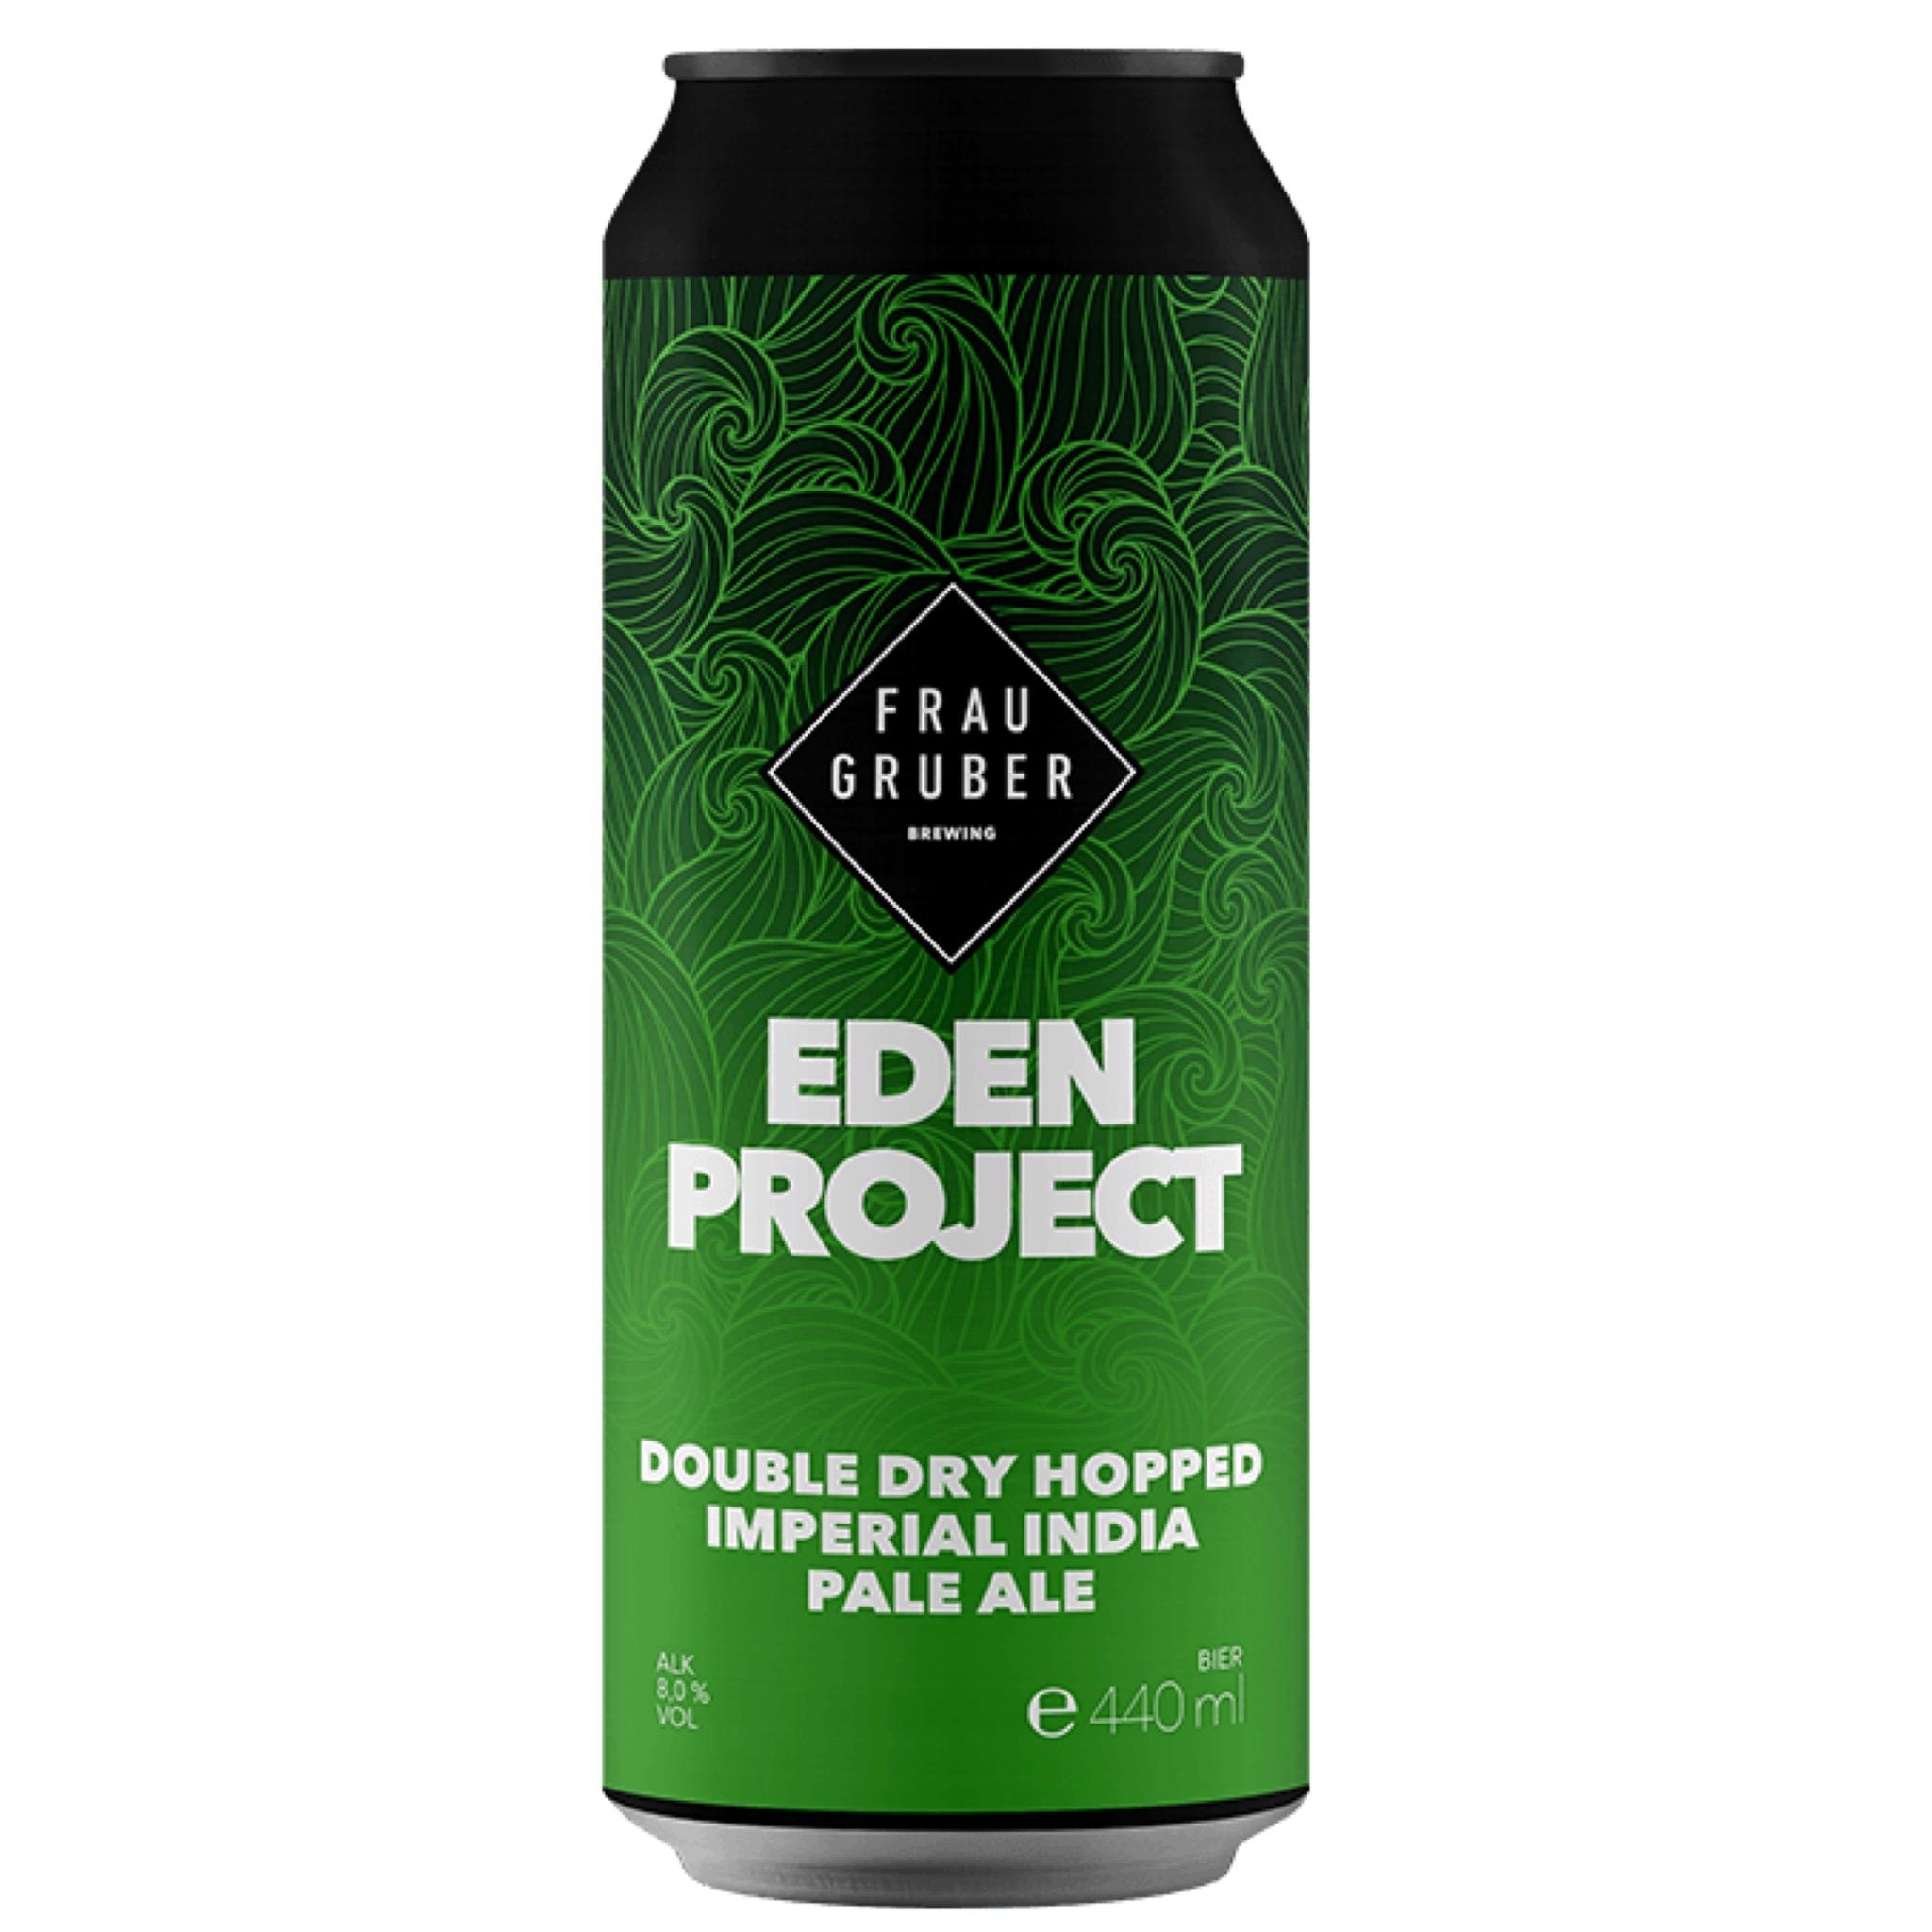 Eden Project DDH Imp IPA 8% 440ml Frau Gruber